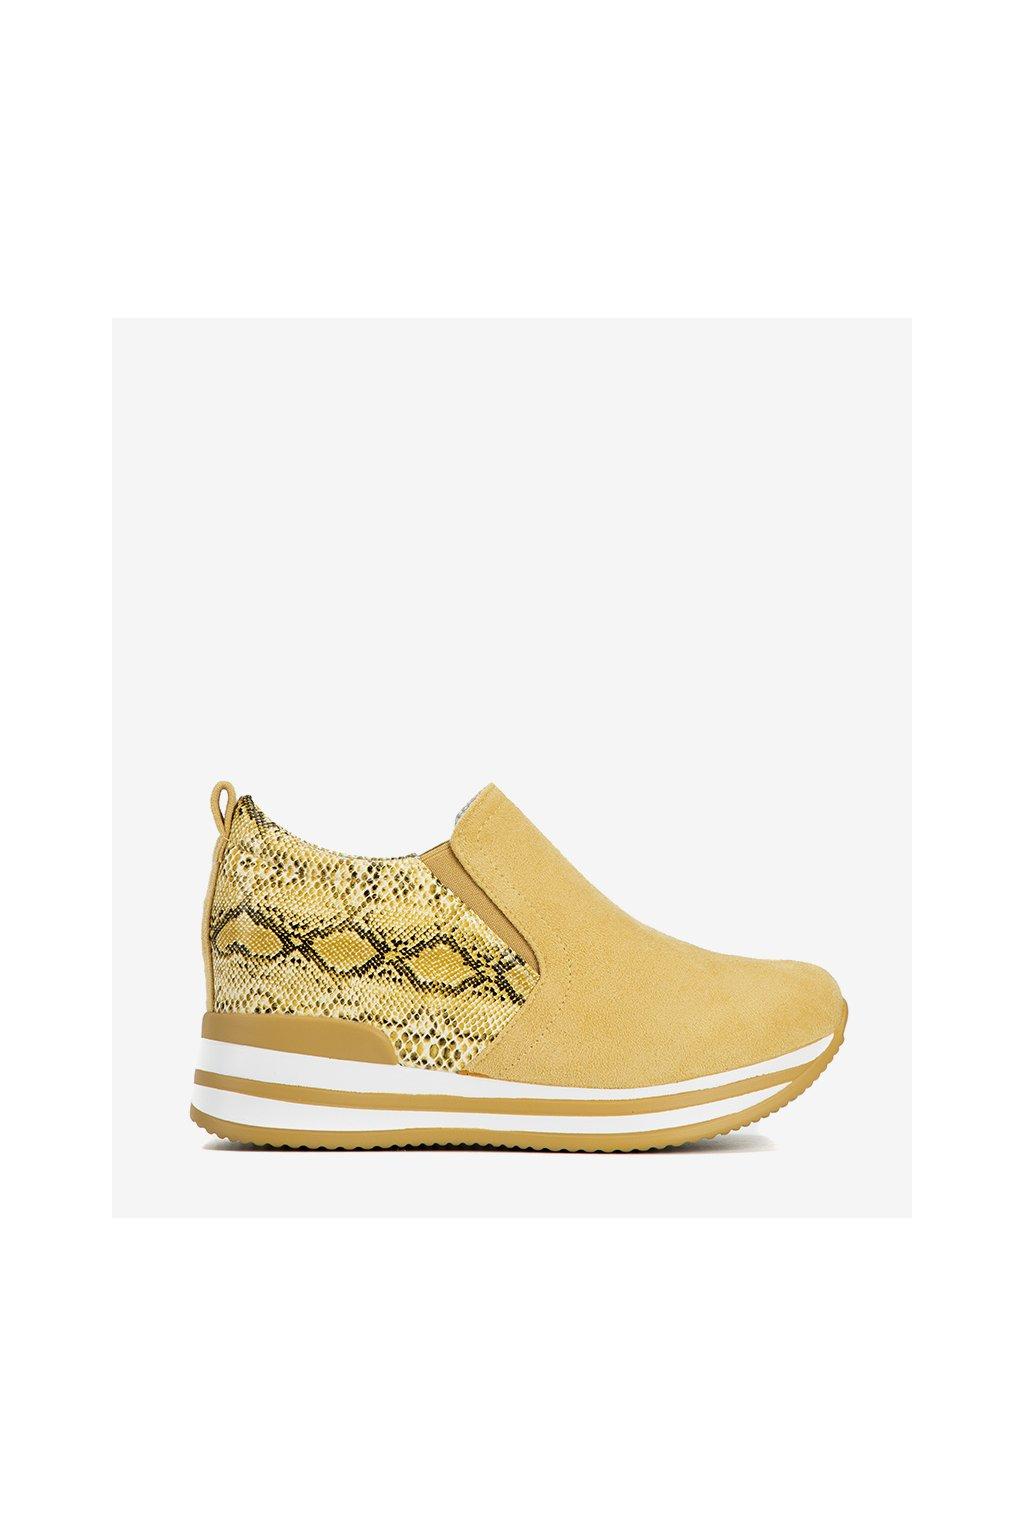 Dámske topánky tenisky žlté kód 8161-SP - GM